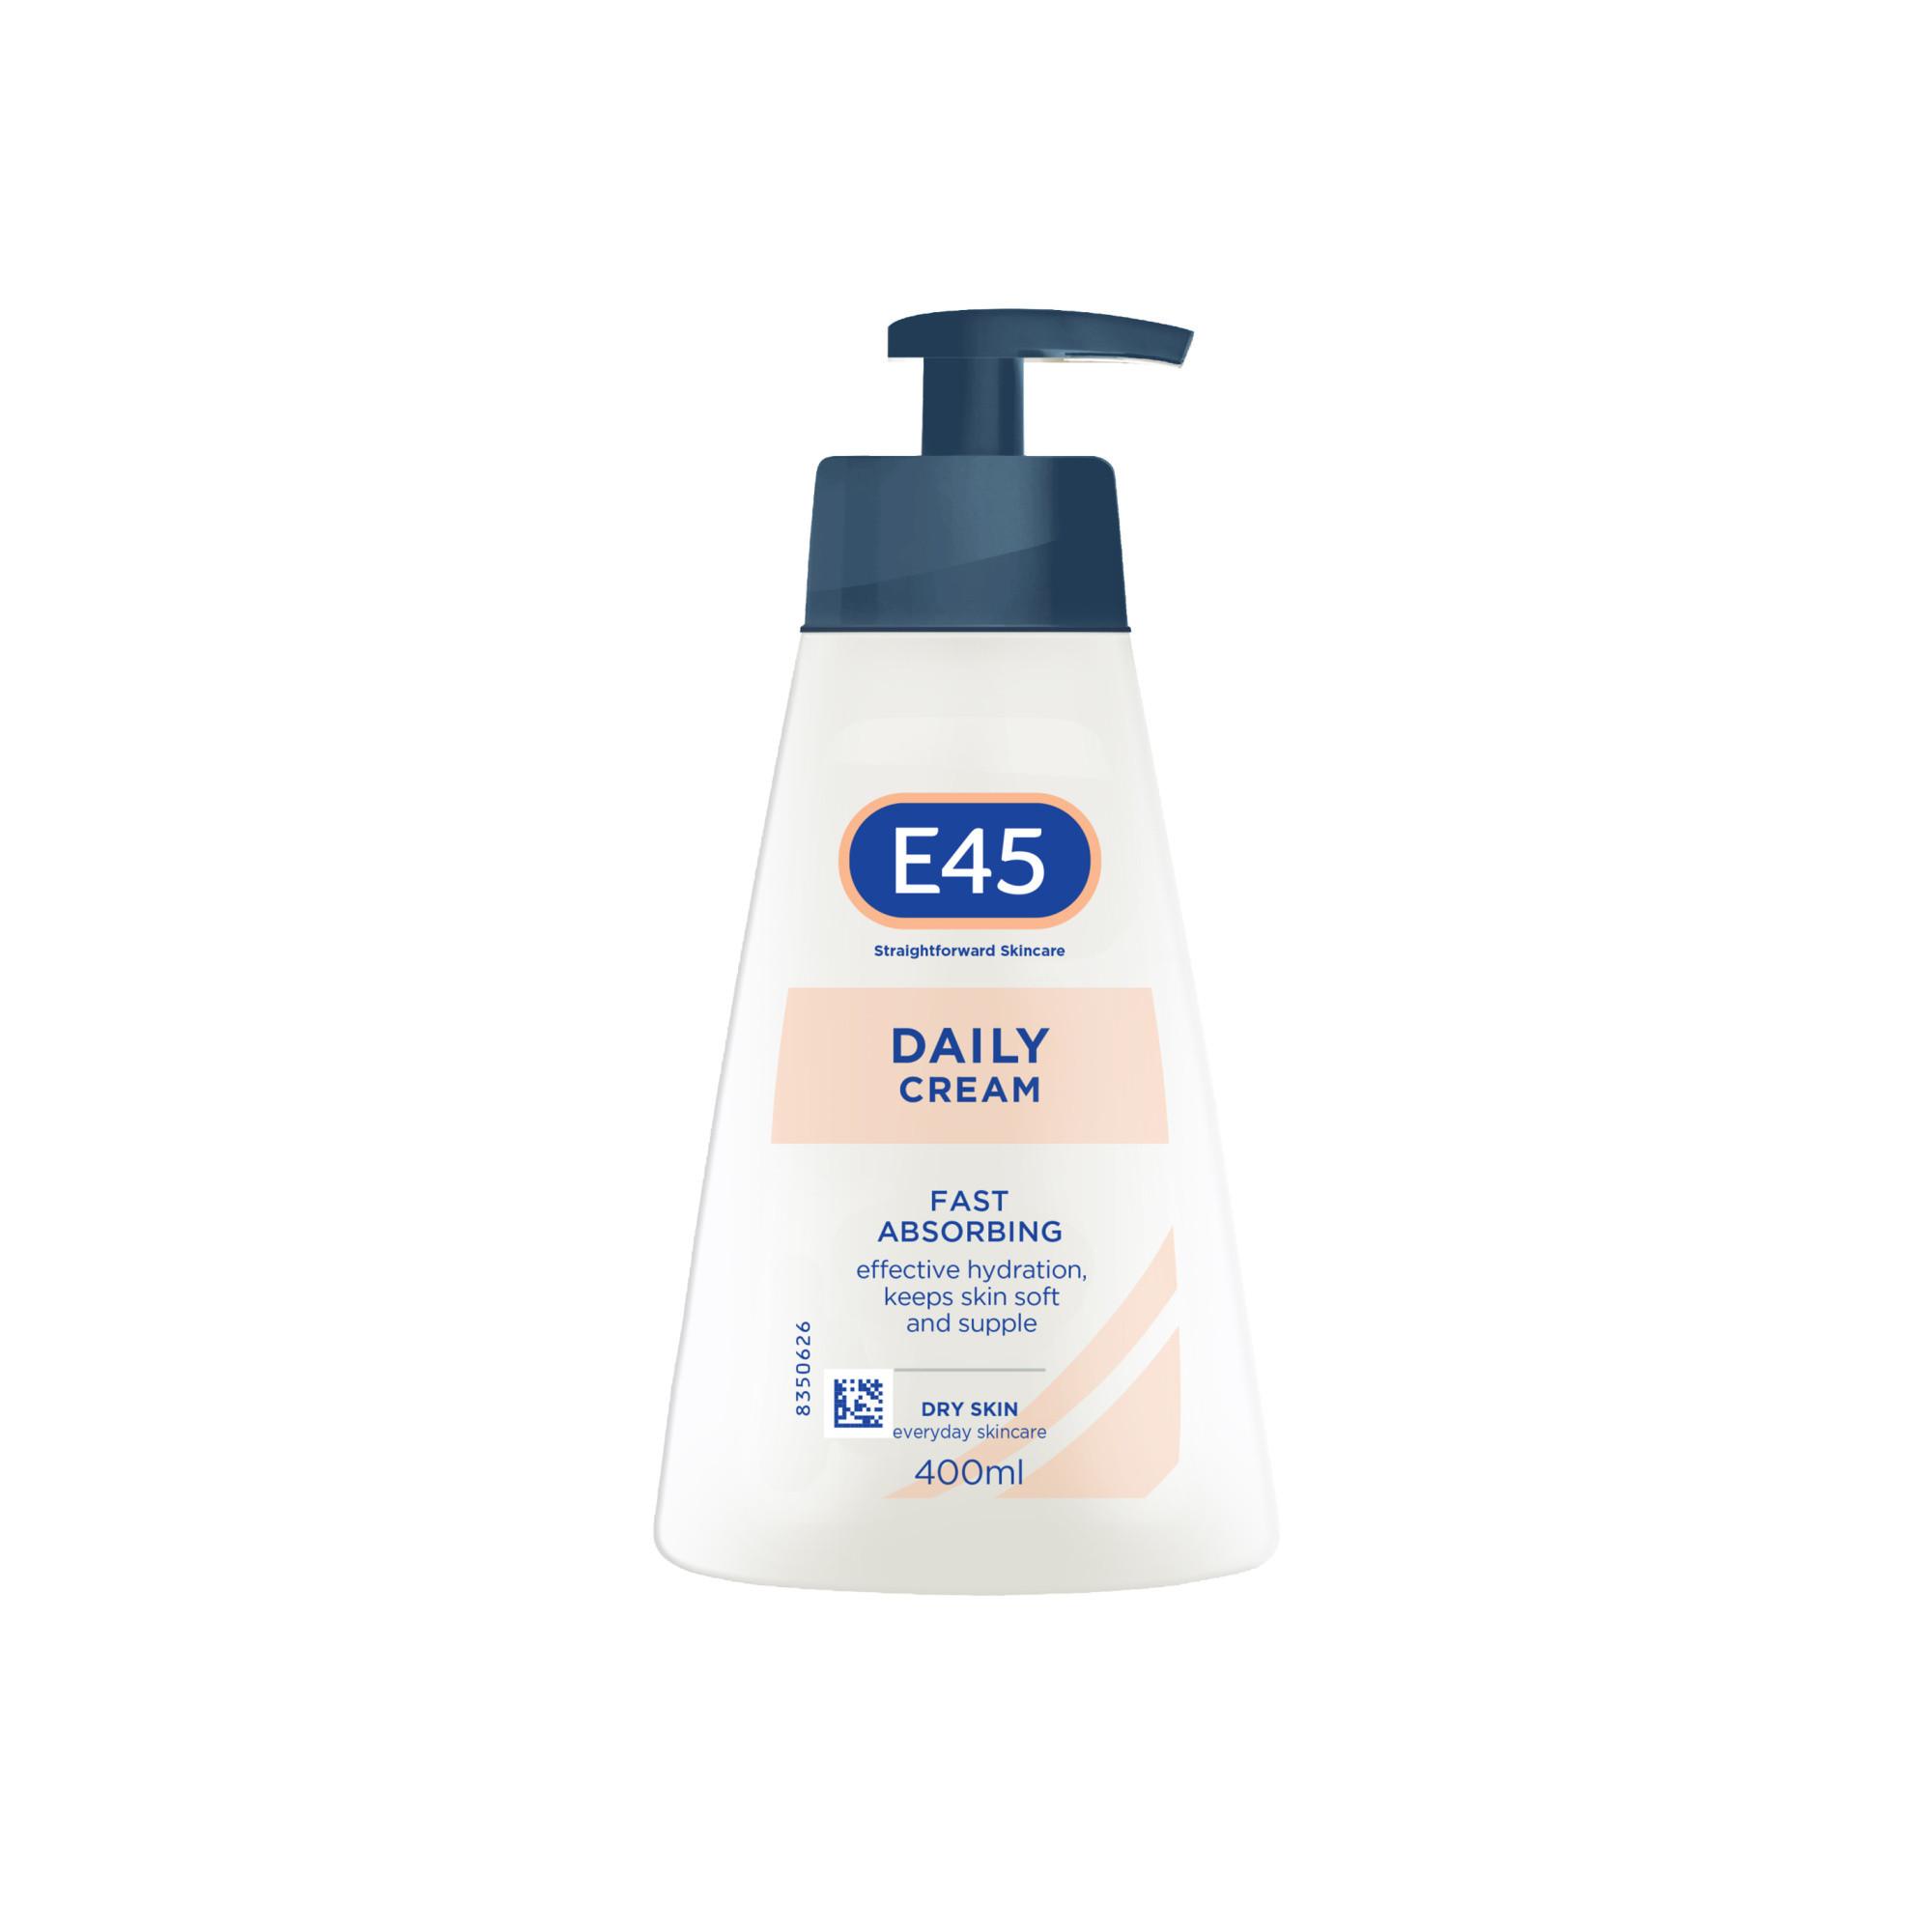 E45 Daily Cream